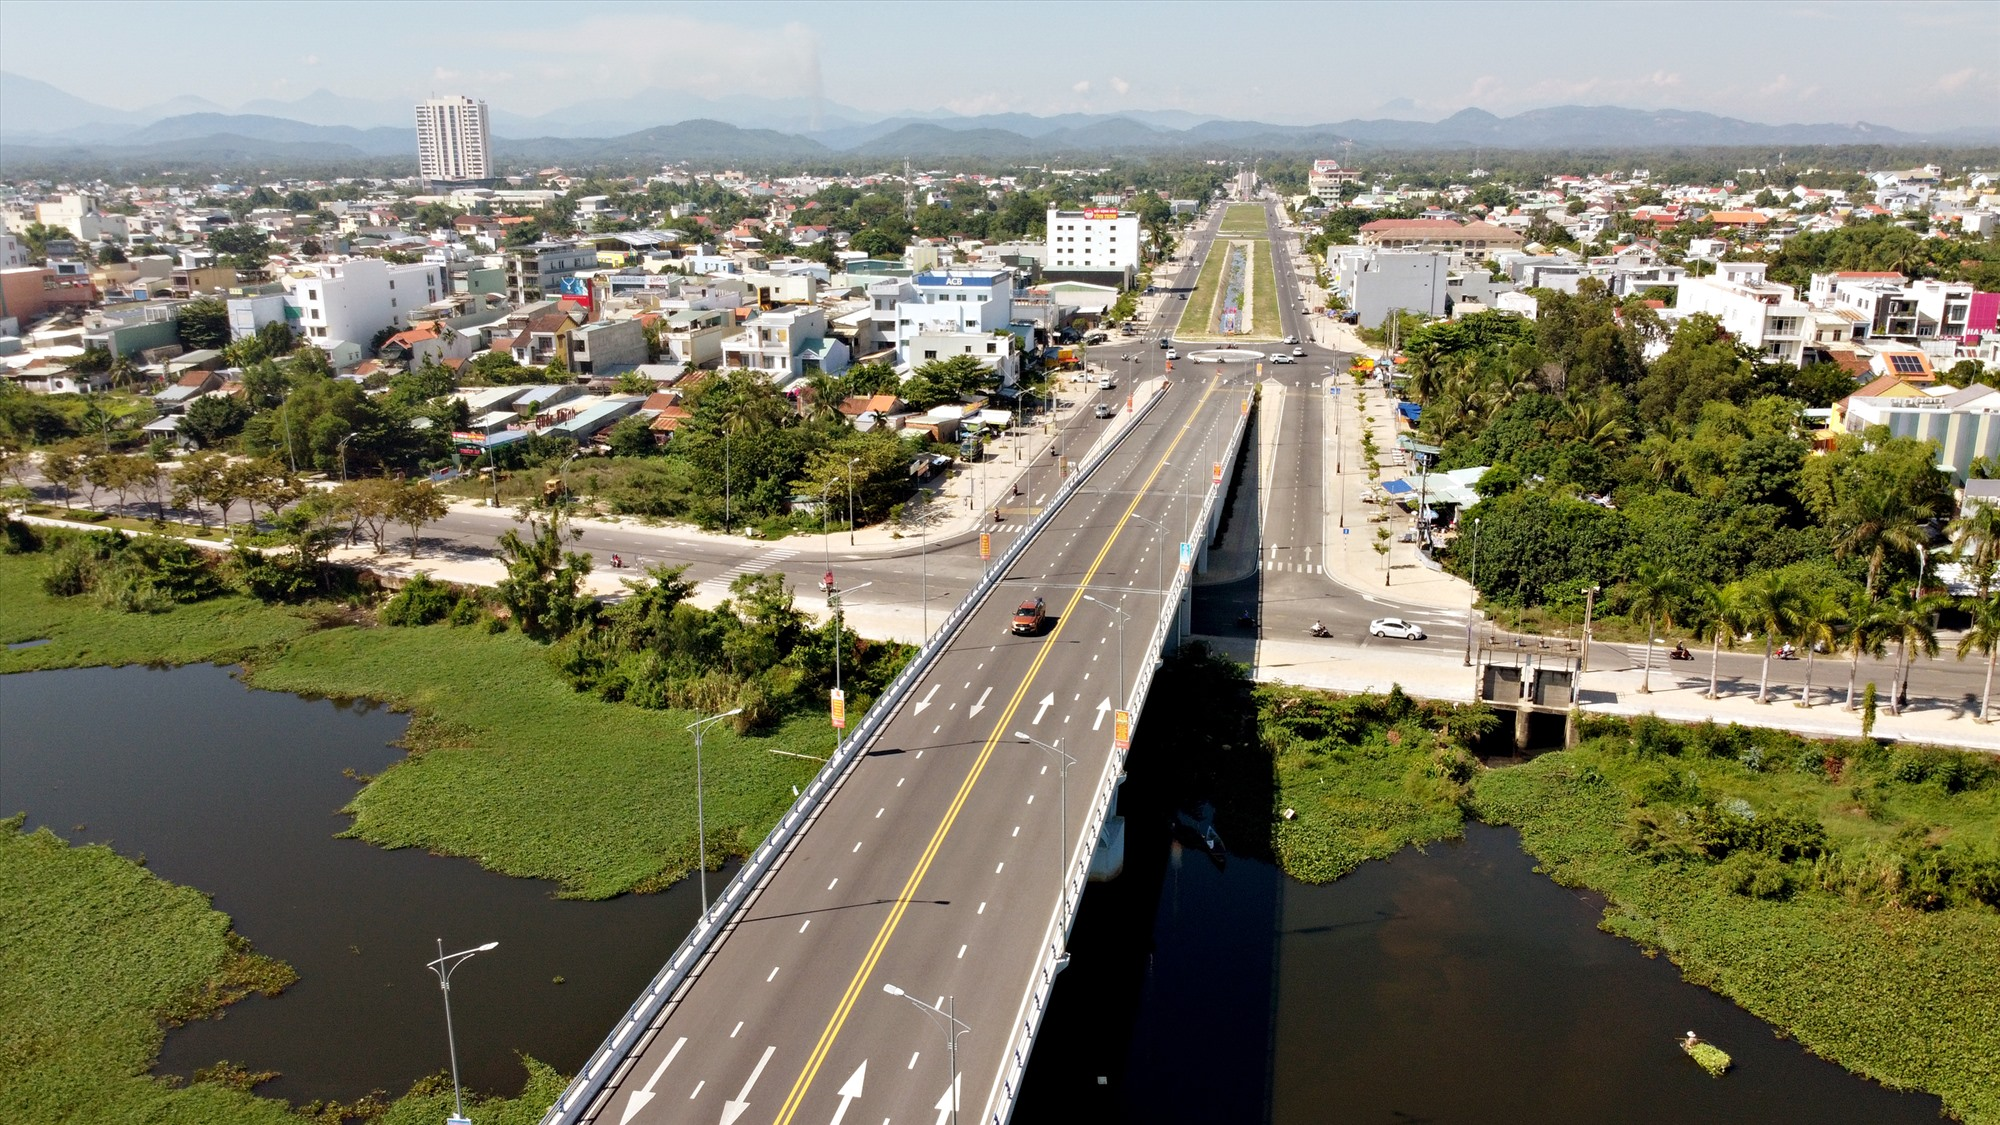 Xây dựng thương hiệu, đẳng cấp đô thị luôn là mục tiêu đeo đuổi của Quảng Nam. Trong ảnh: Đô thị Tam Kỳ.Ảnh: PHƯƠNG THẢO